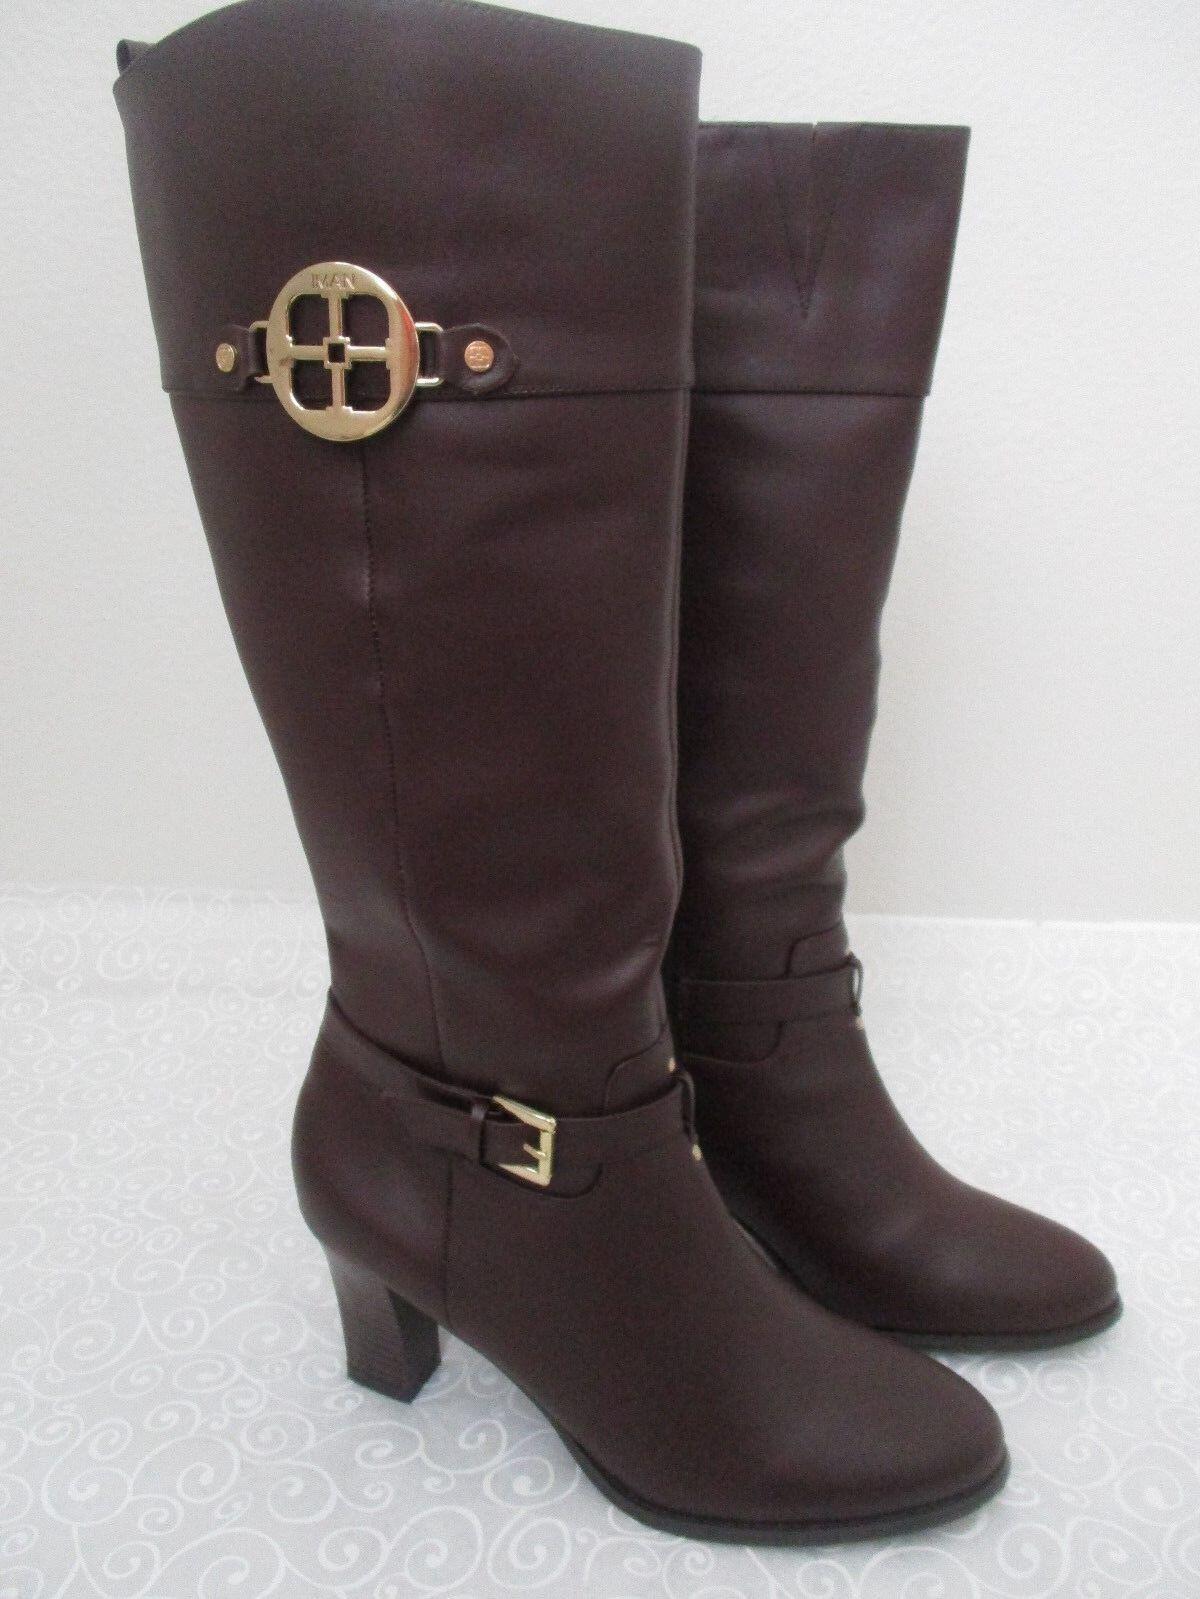 CUERO IMAN marrón chocolate la rodilla botas altas M-Nuevo